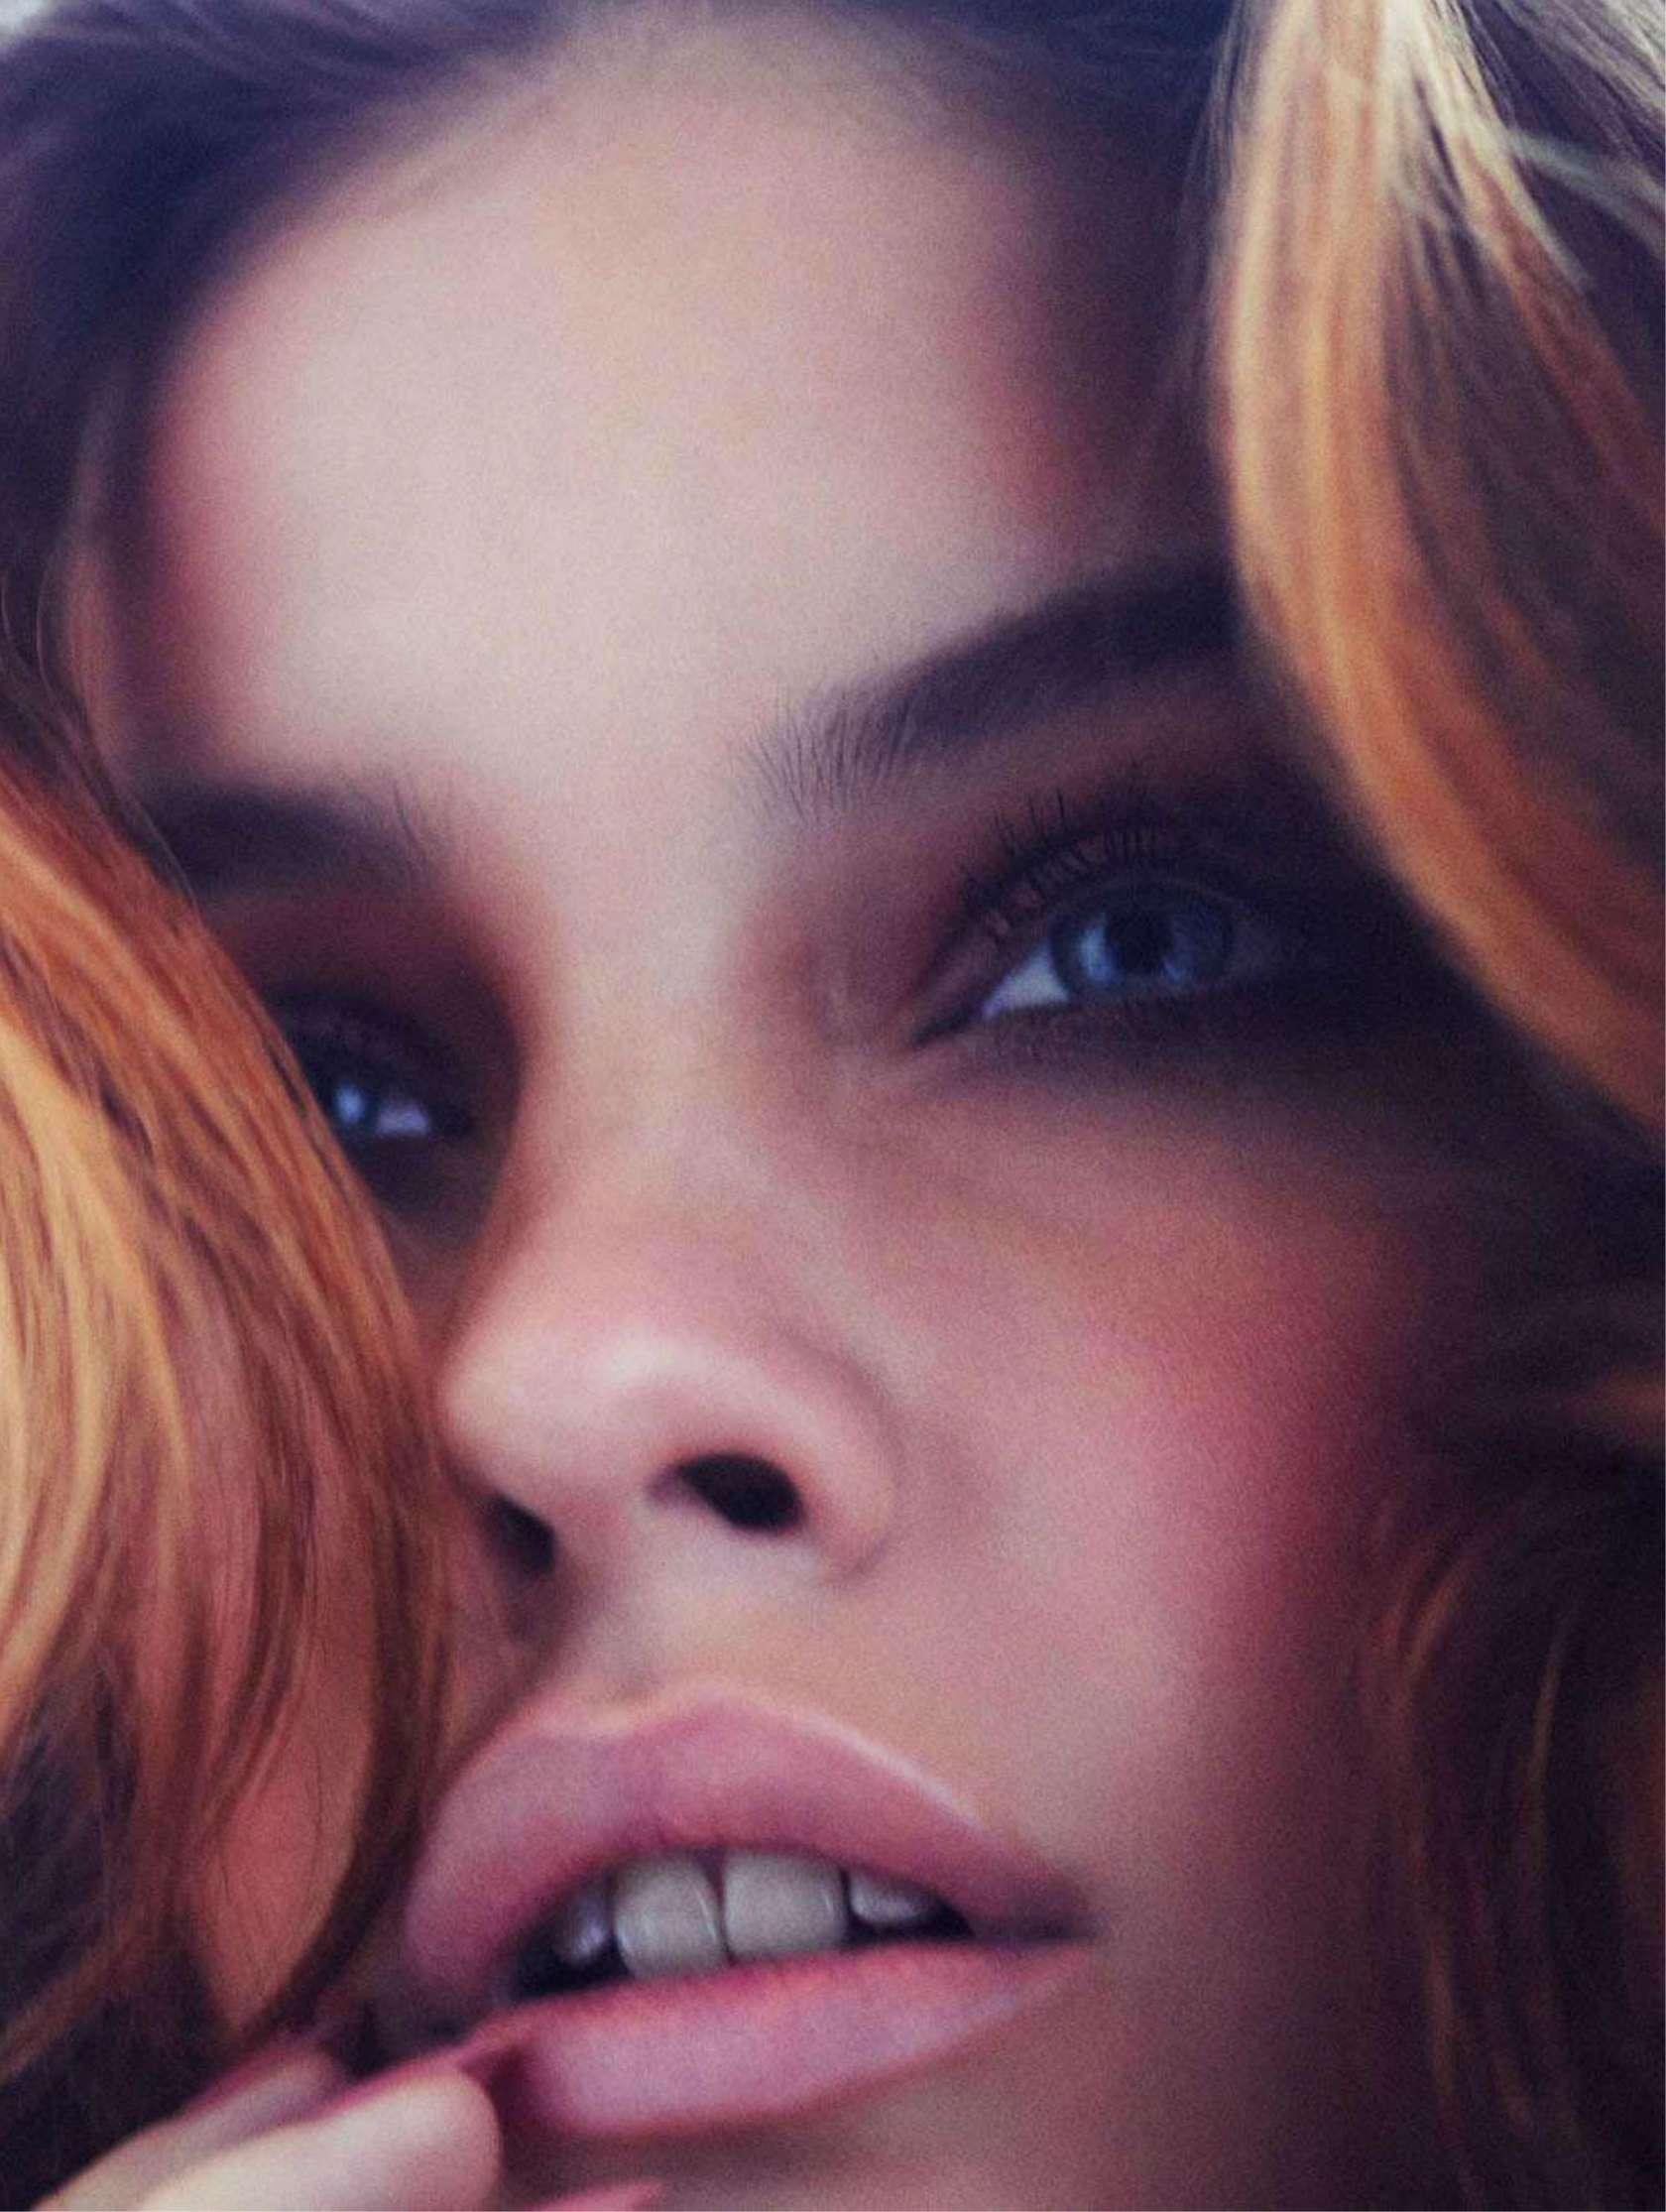 Barbara Palvin yeux bleus